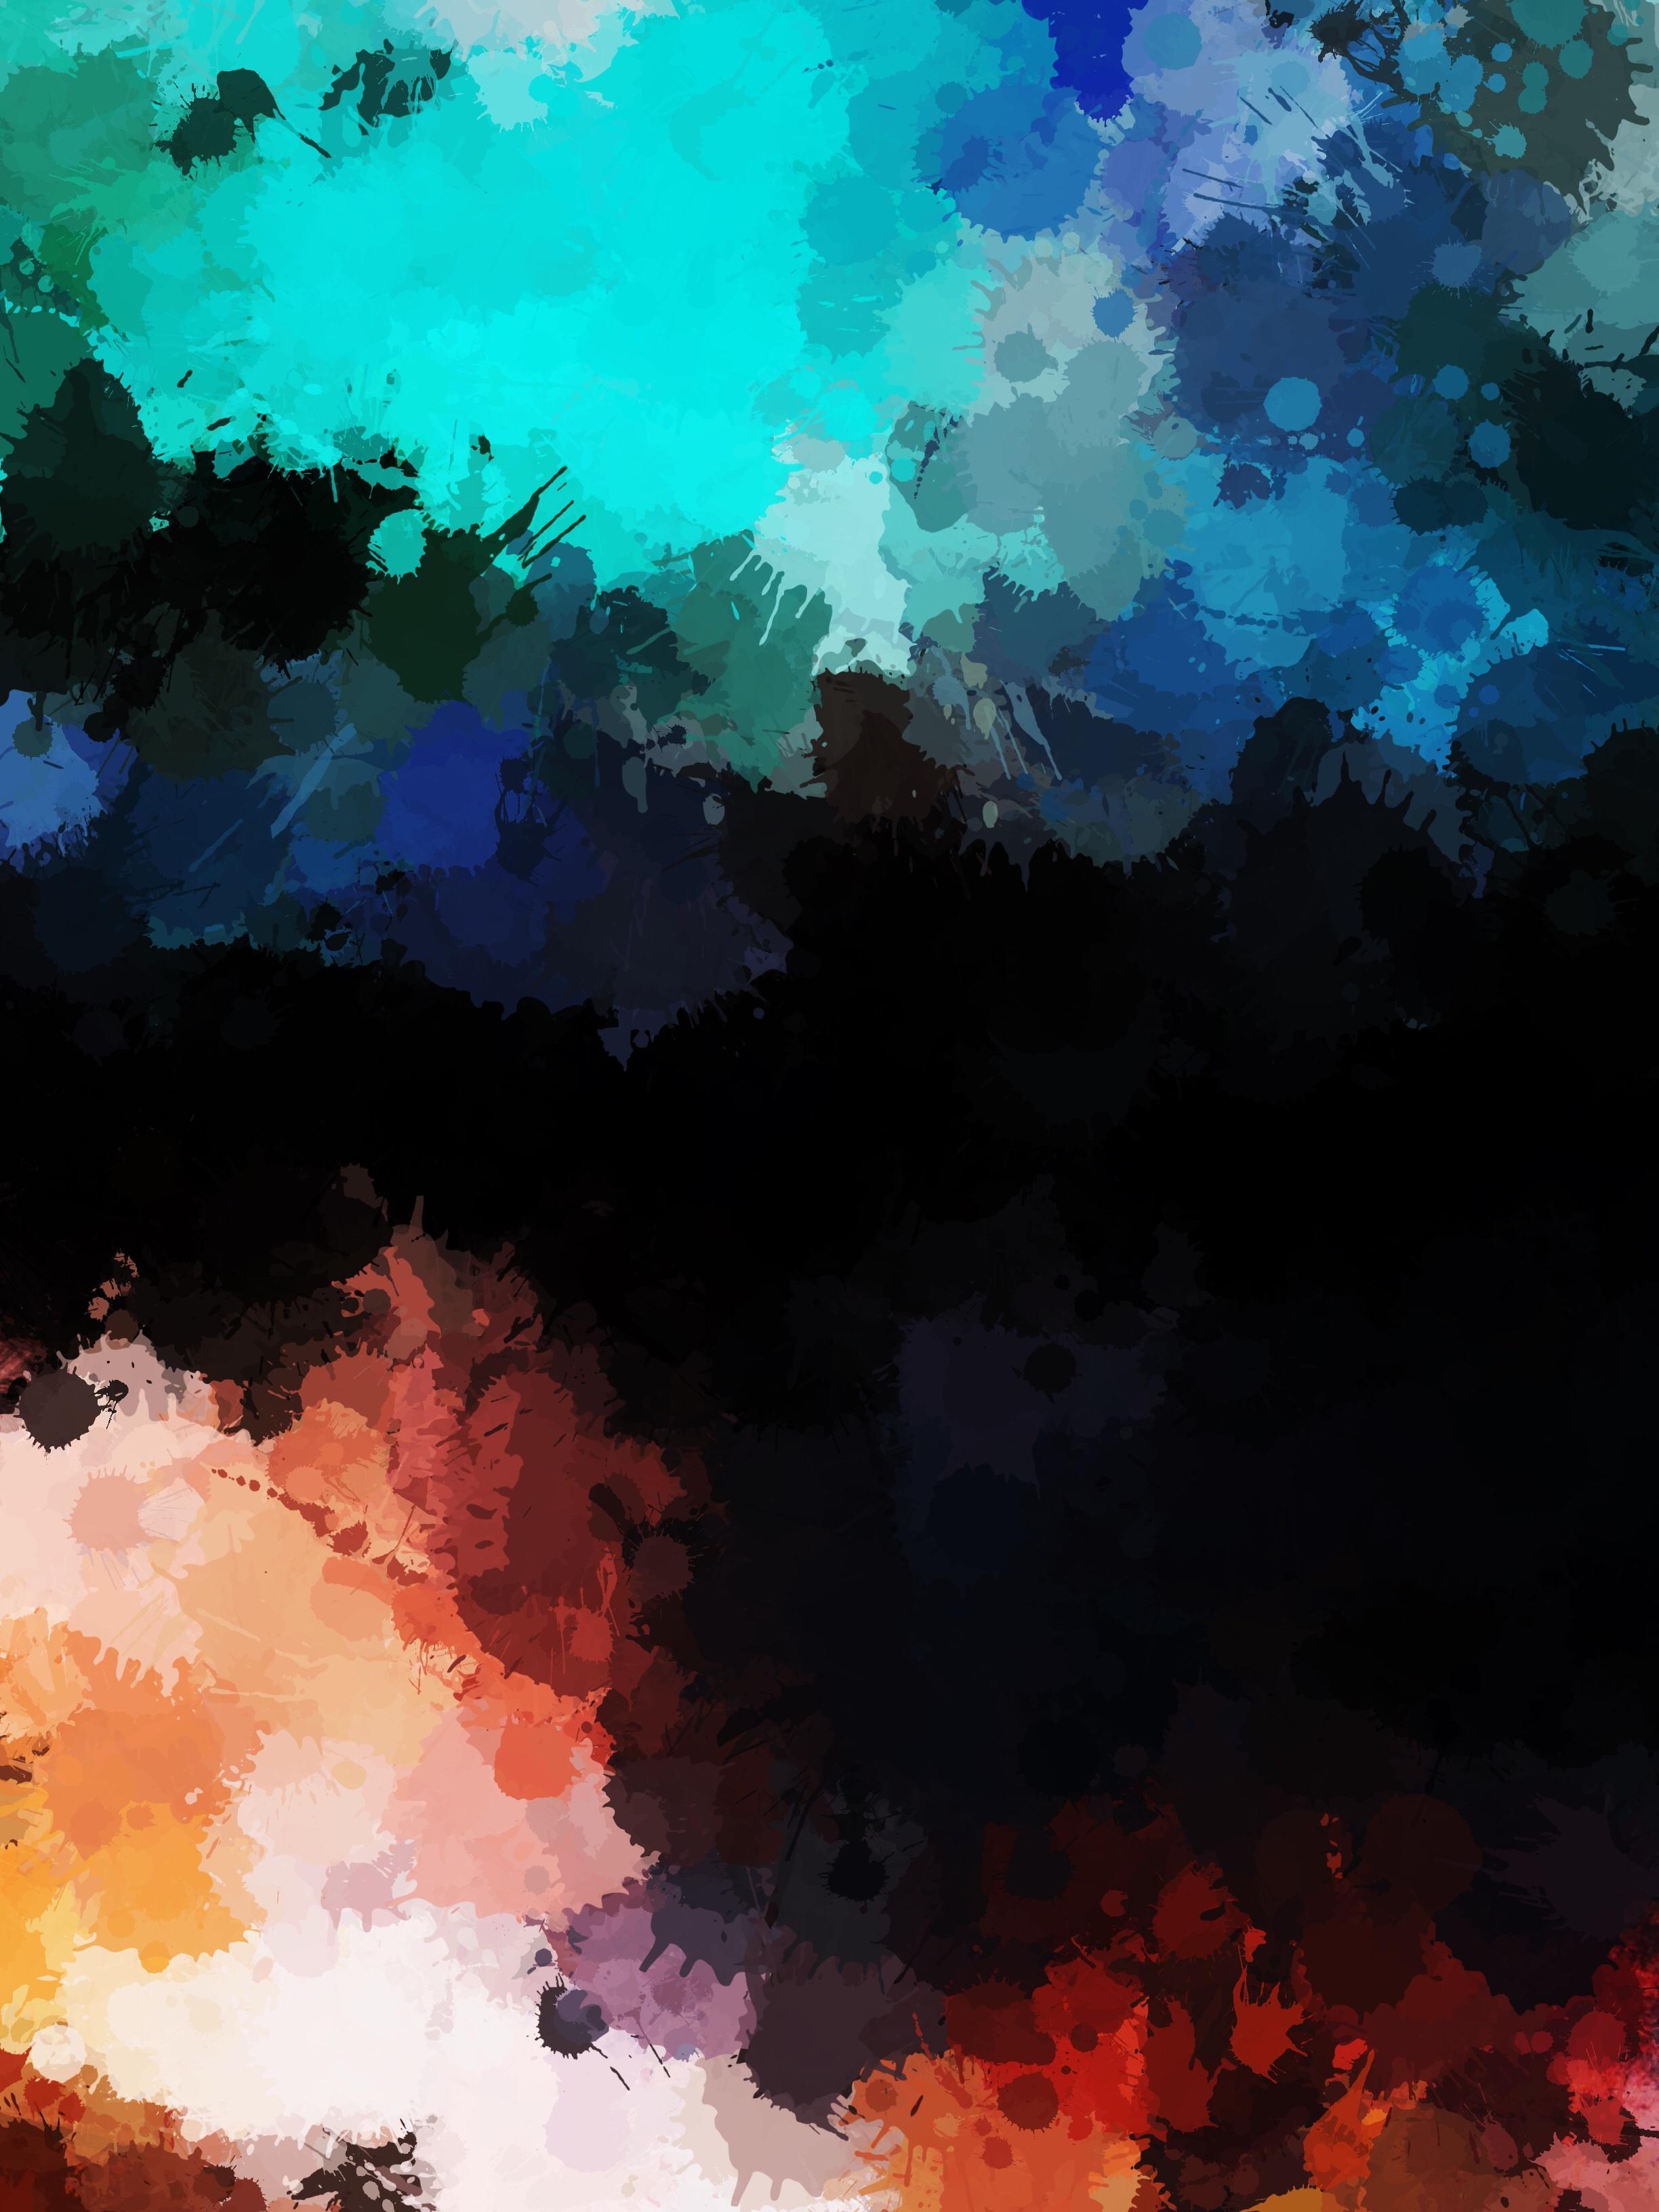 58403 fond d'écran 720x1560 sur votre téléphone gratuitement, téléchargez des images Abstrait, Sombre, Taches, De L'art, Artistique 720x1560 sur votre mobile